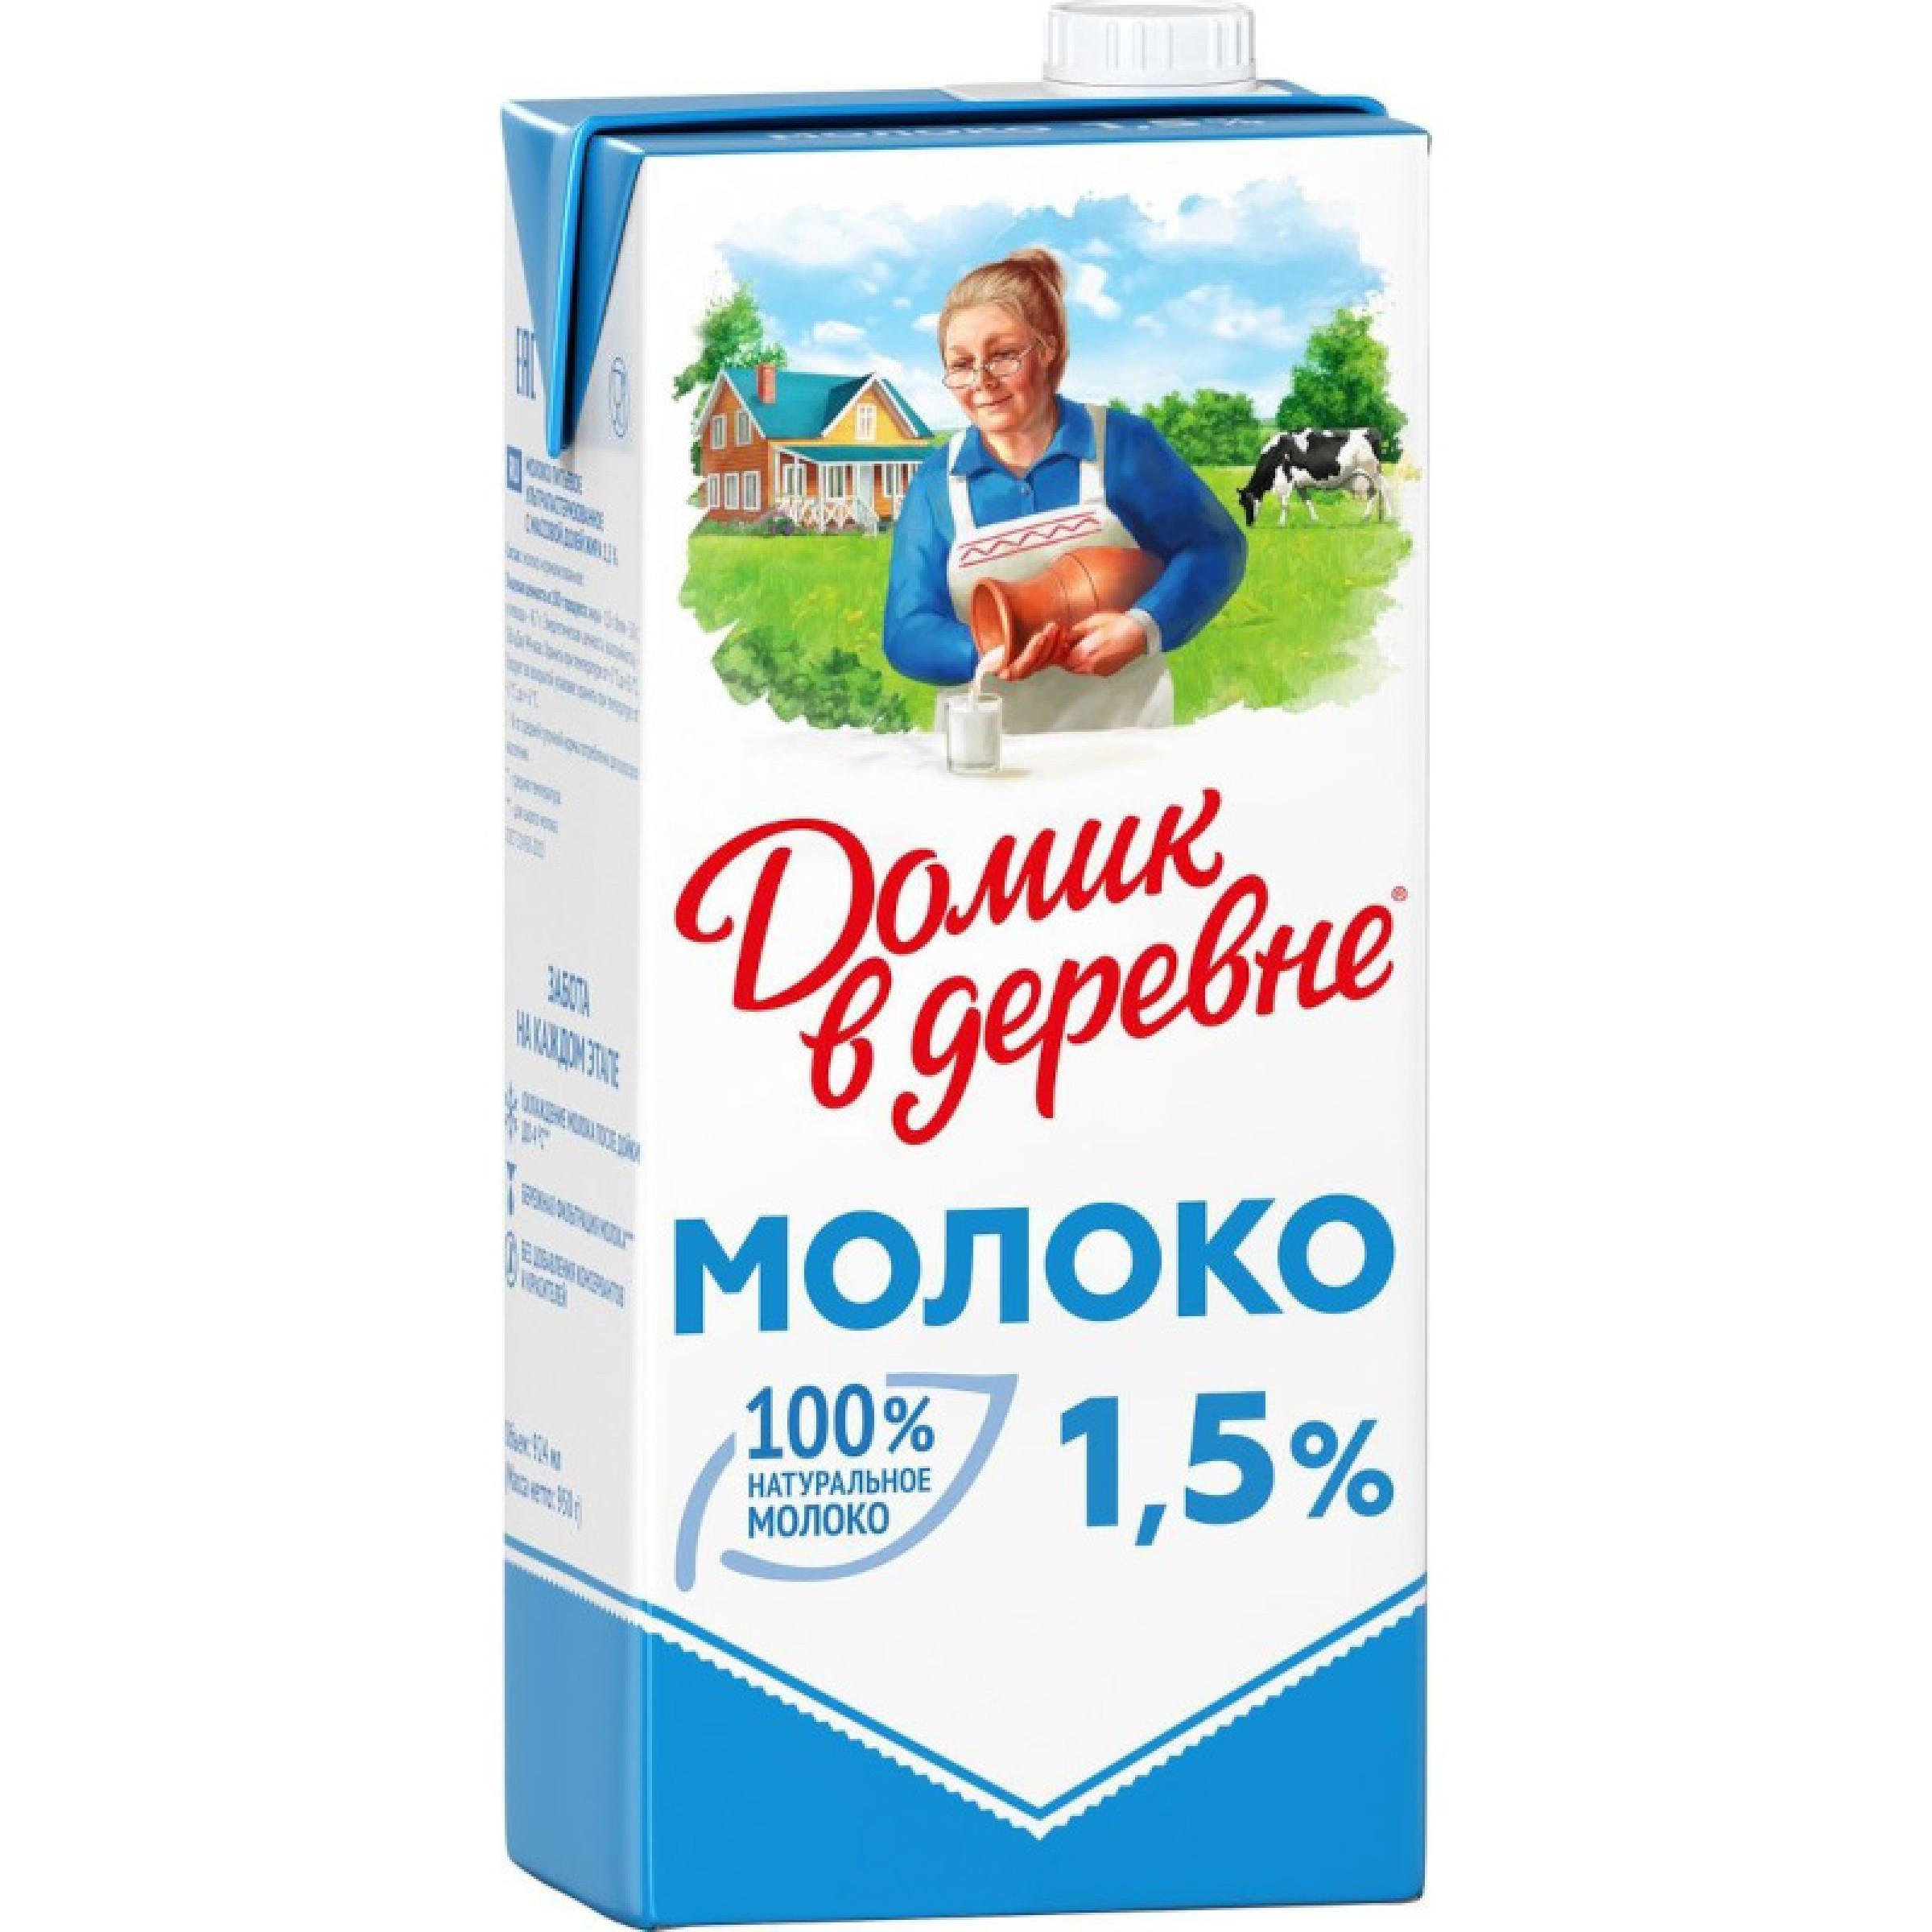 """Молоко """"Домик в деревне"""" 1,5% стерелизованное, 950гр."""